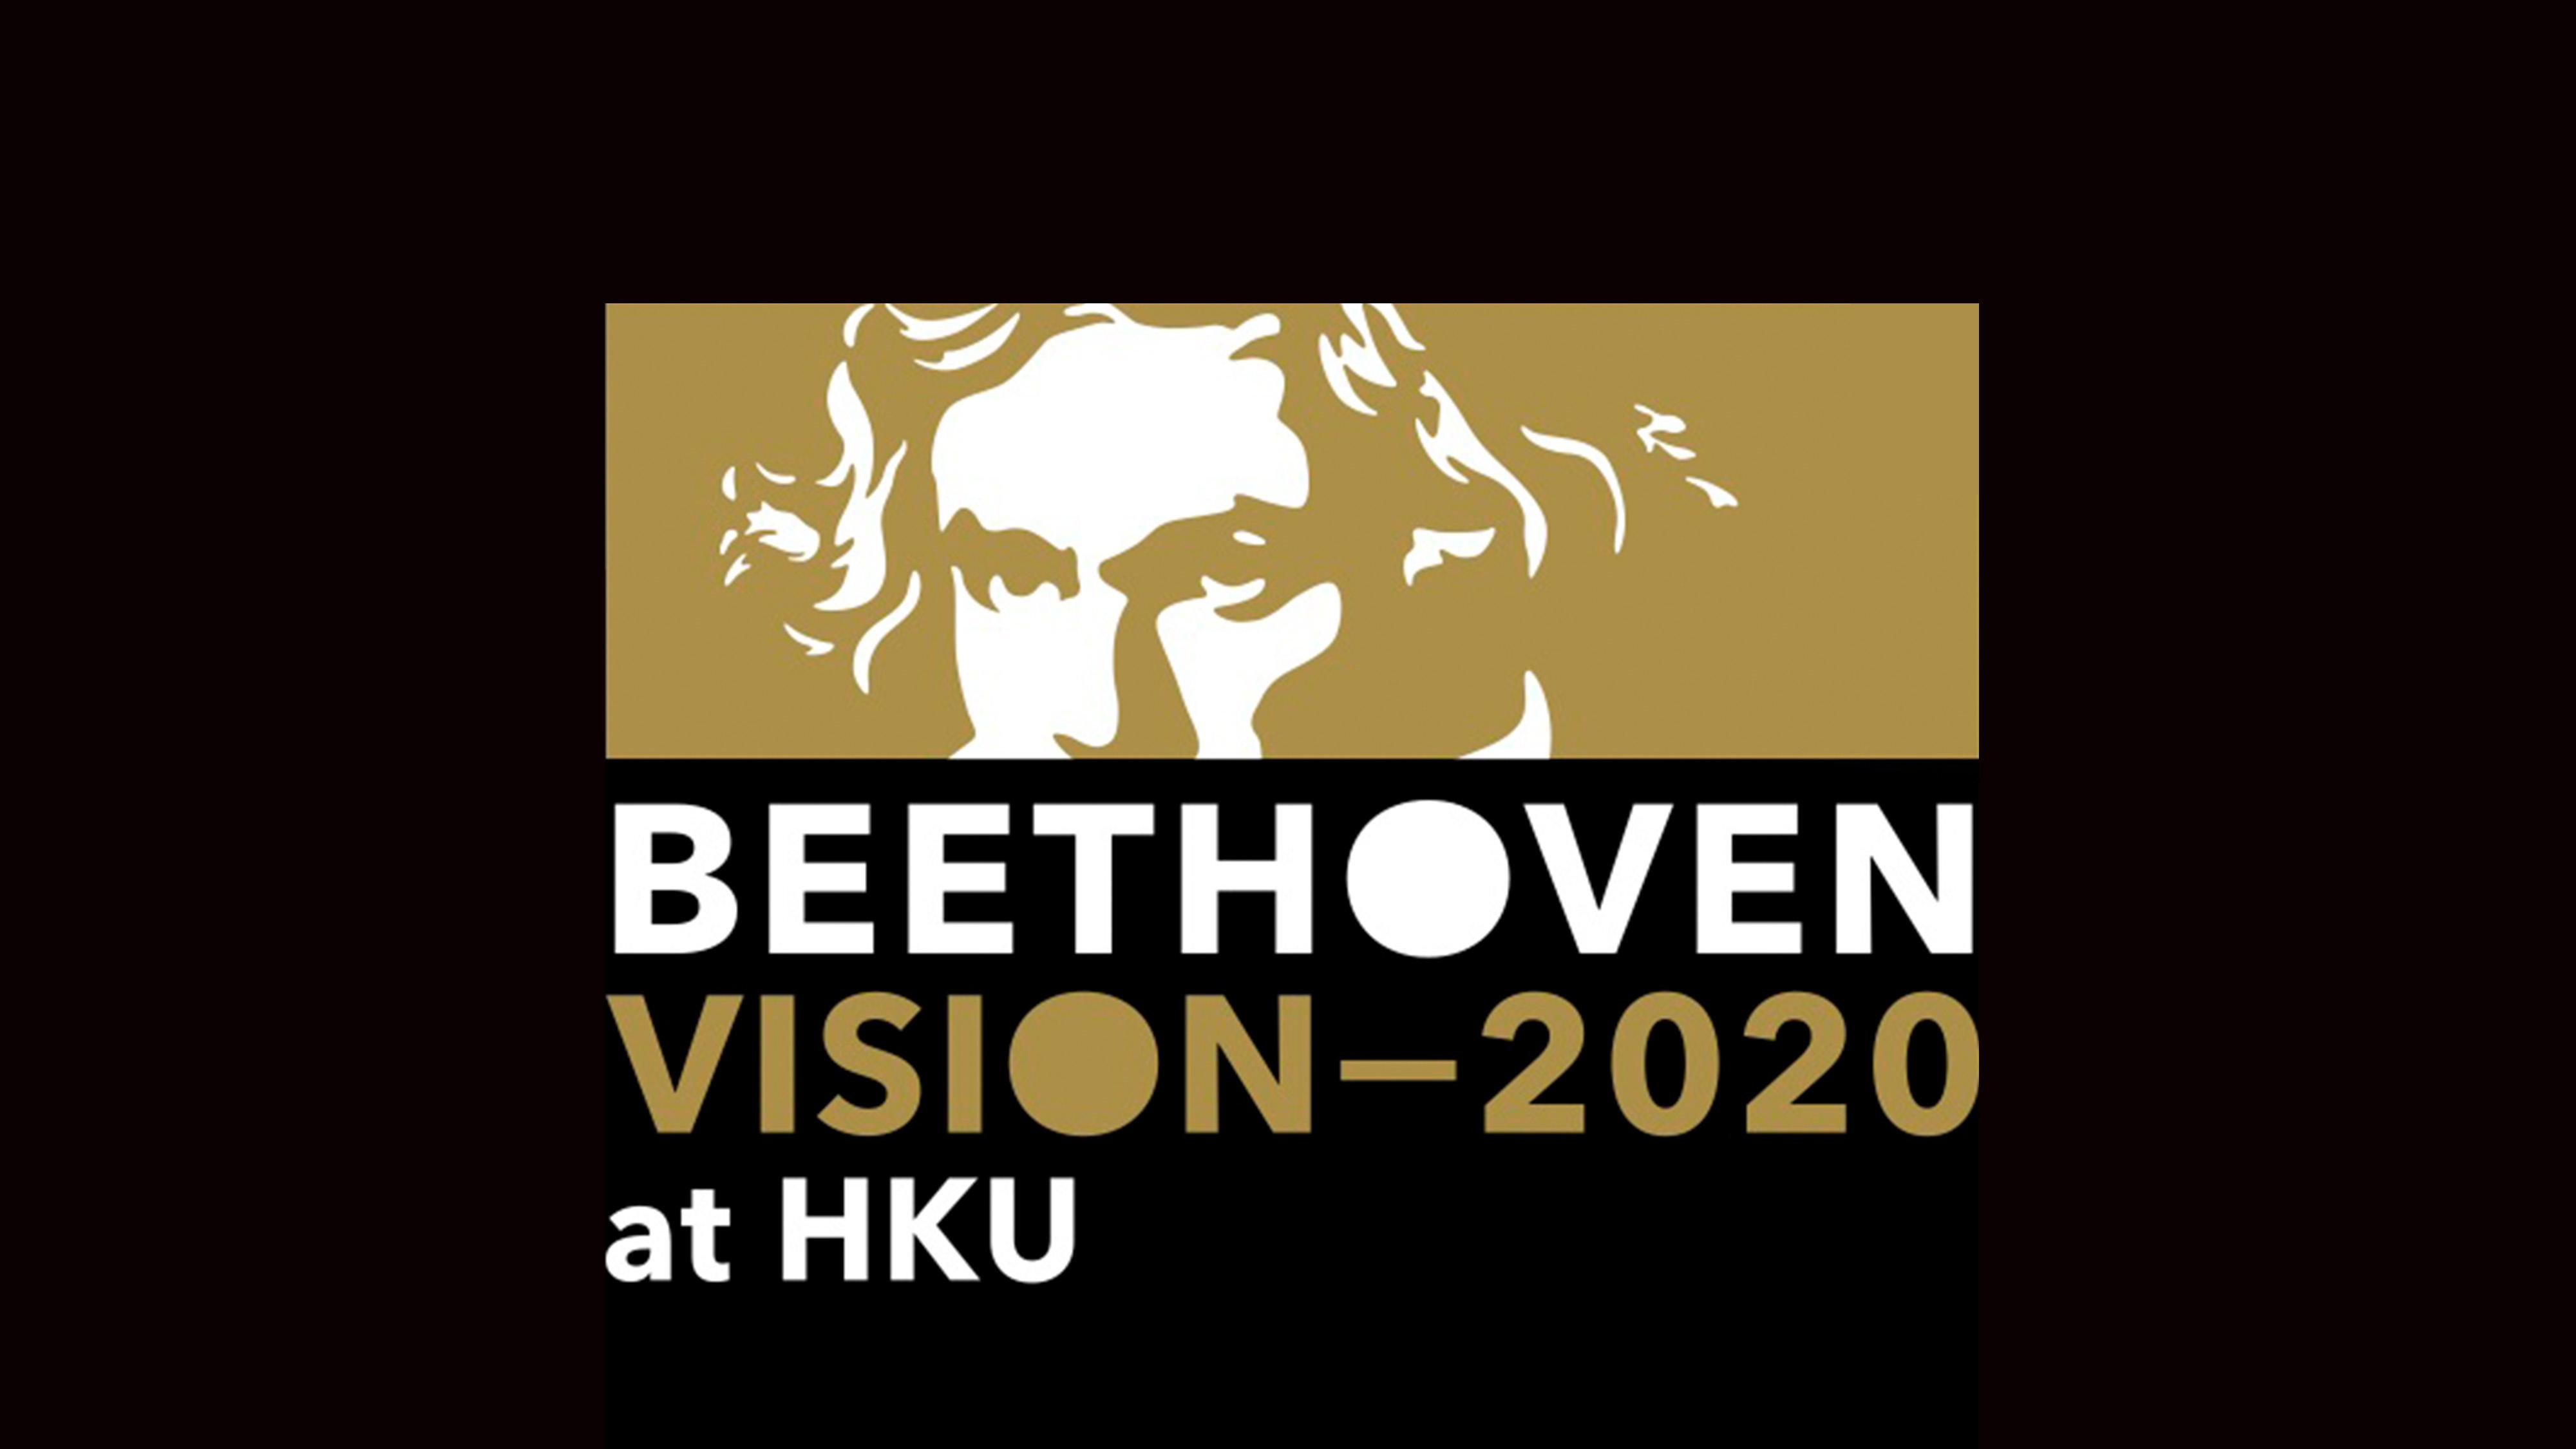 Beethoven Vision——2020 at HKU